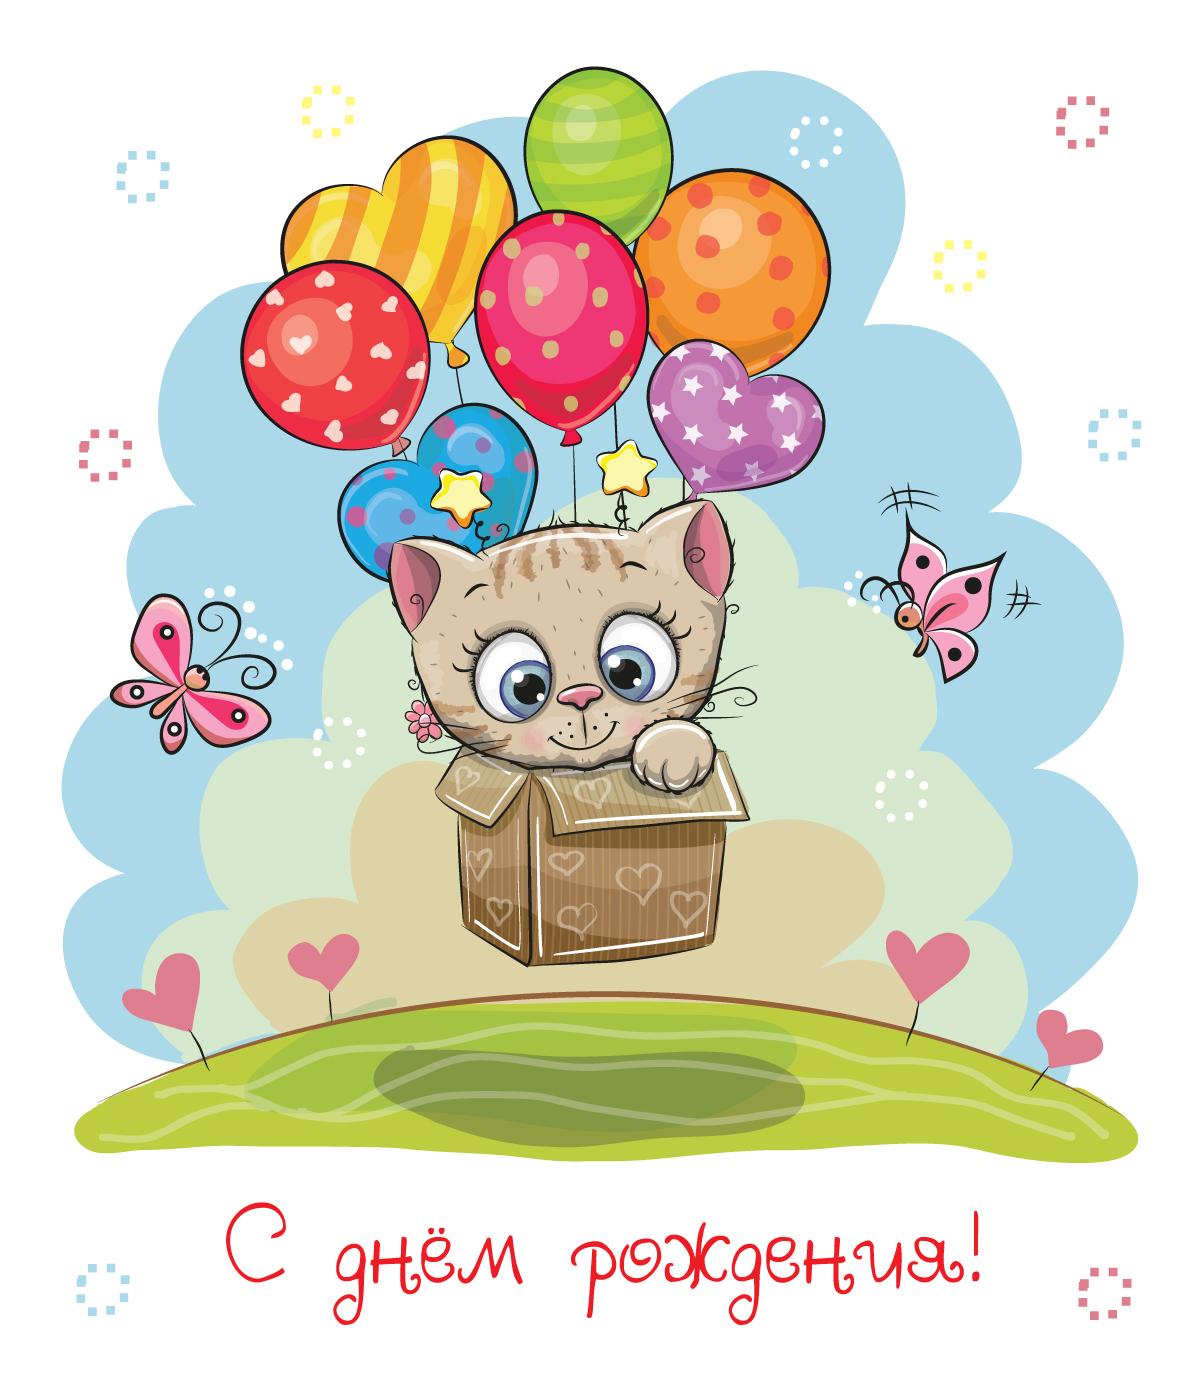 Рисунок на обложку открытки для дня рождения